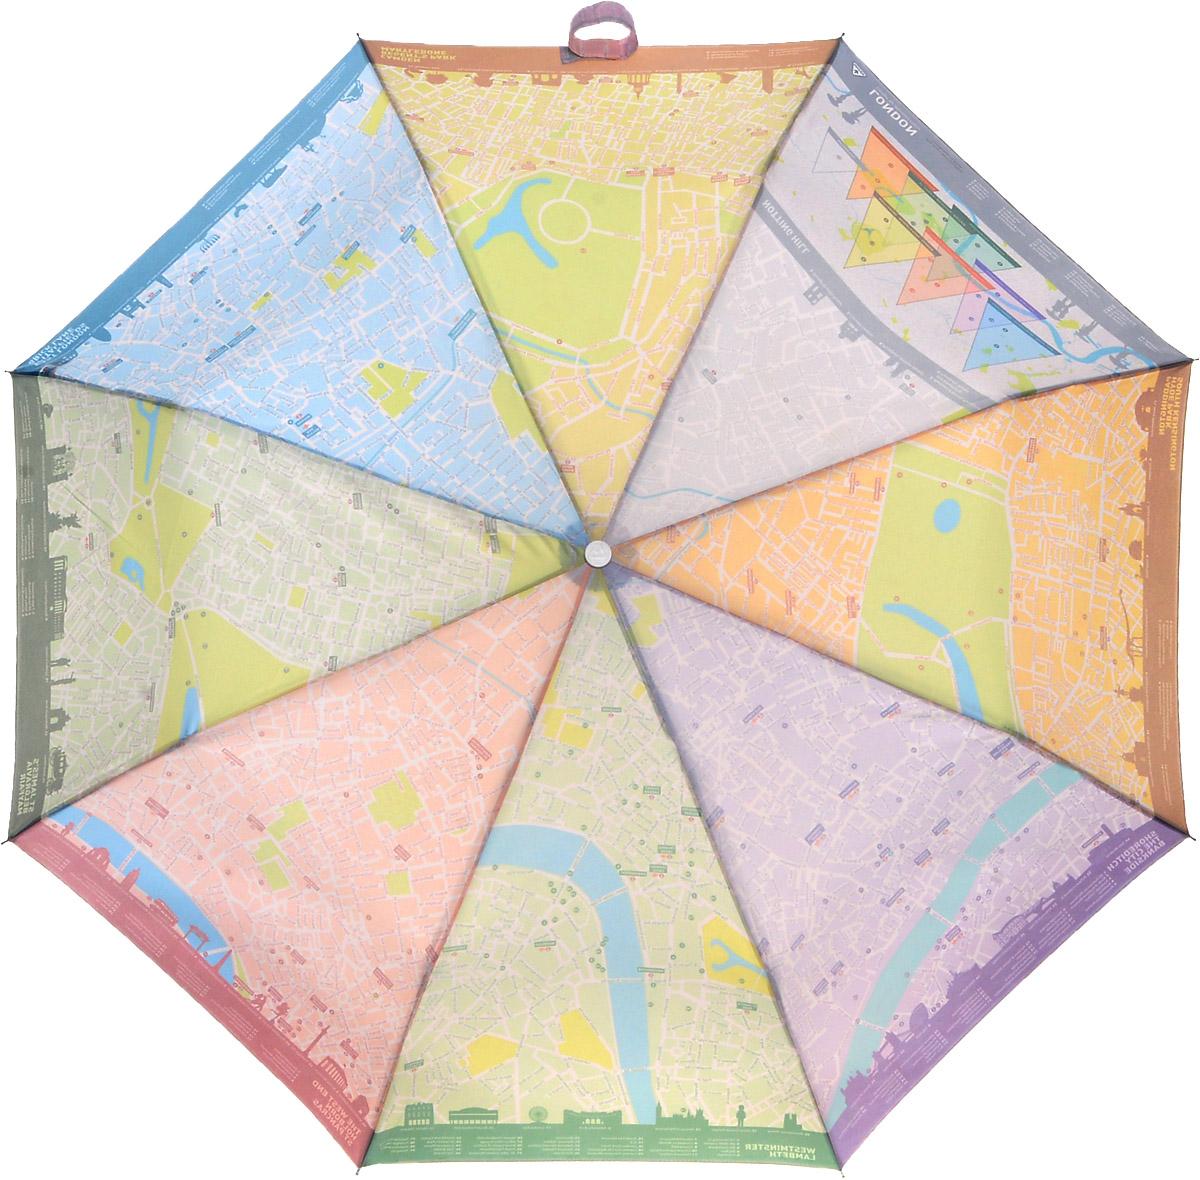 """Зонт женский Fulton London Map, механический, 3 сложения, цвет: белыйL761 3S2396Стильный складной зонт Fulton """"London Map"""" даже в ненастную погоду позволит вам оставаться женственной и элегантной. """"Ветростойкий"""" стальной каркас зонта в 3 сложения состоит из восьми металлических спиц, стержень изготовлен из стали. Зонт оснащен удобной рукояткой из прорезиненного пластика. Купол зонта выполнен из прочного полиэстера белого цвета и с внутренней стороны оформлен изображением карты Лондона. На рукоятке для удобства есть небольшой шнурок, позволяющий надеть зонт на руку тогда, когда это будет необходимо. К зонту прилагается чехол. Зонт механического сложения: купол открывается и закрывается вручную, стержень также складывается вручную до характерного щелчка. Характеристики: Материал: металл, полиэстер, пластик. Цвет: белый. Диаметр купола: 96 см. Длина зонта в сложенном виде: 25 см. Длина ручки (стержня) в раскрытом виде: 56 см. Вес: 350 г. Артикул: L761 3S2396."""